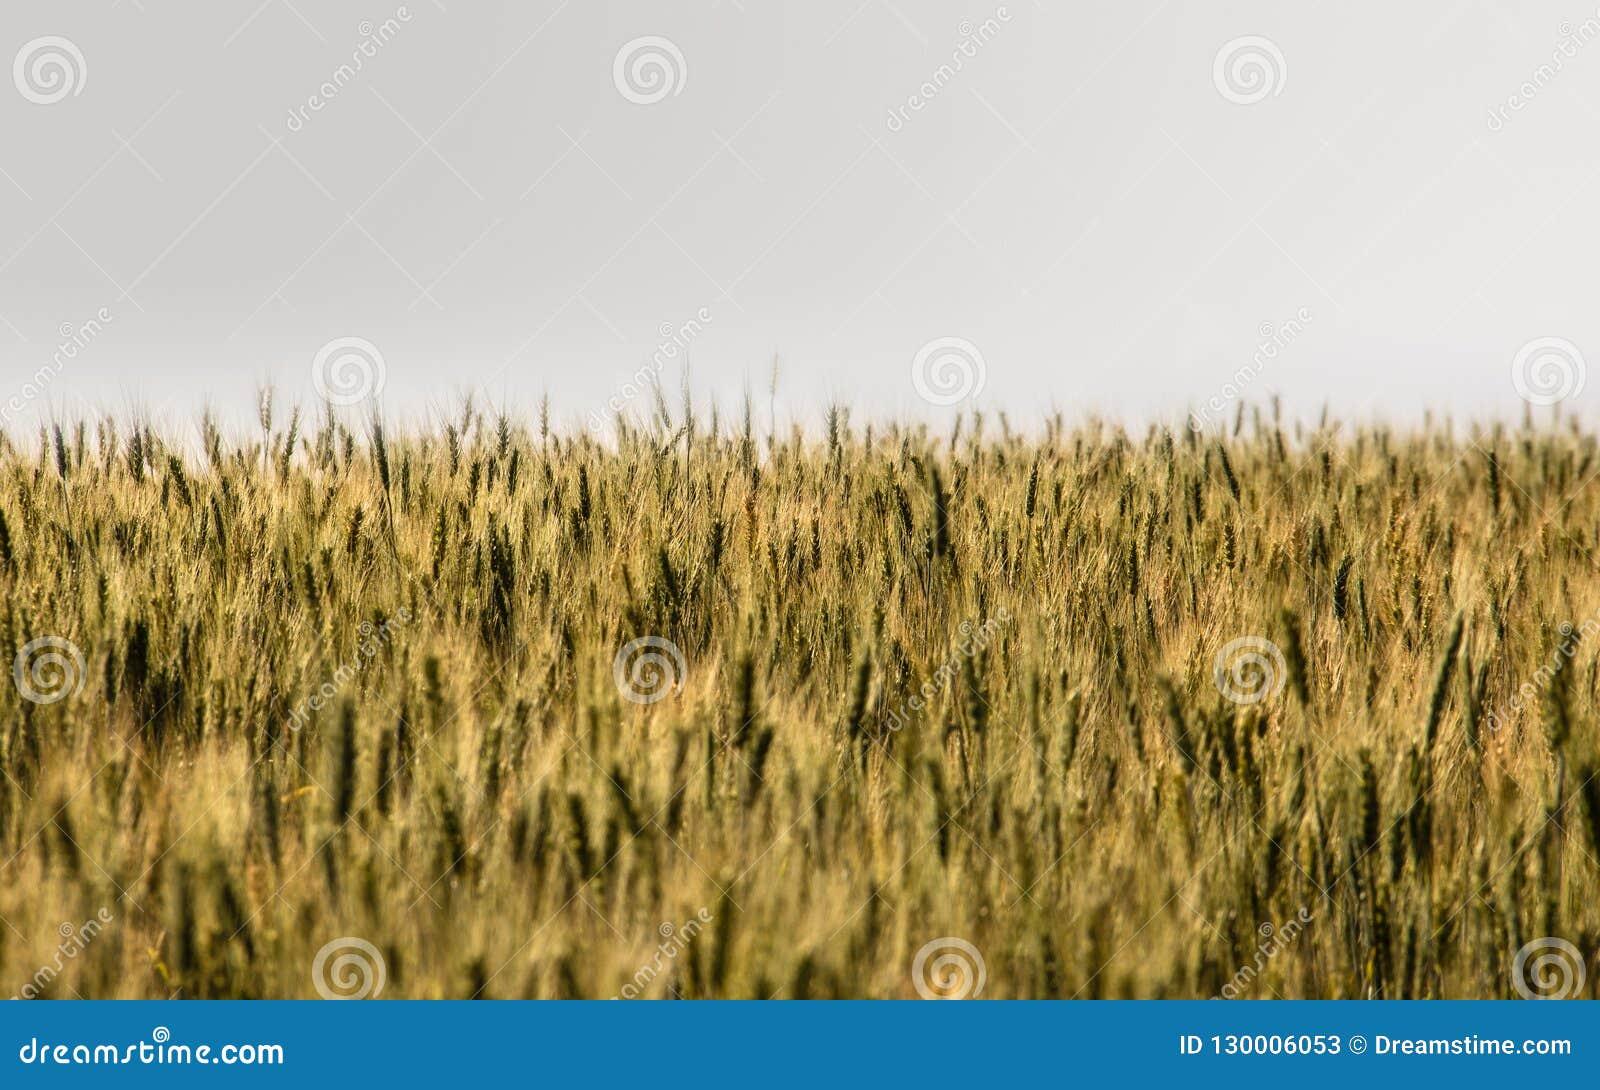 Op de oneindige gebieden, de cultuur van tarwe